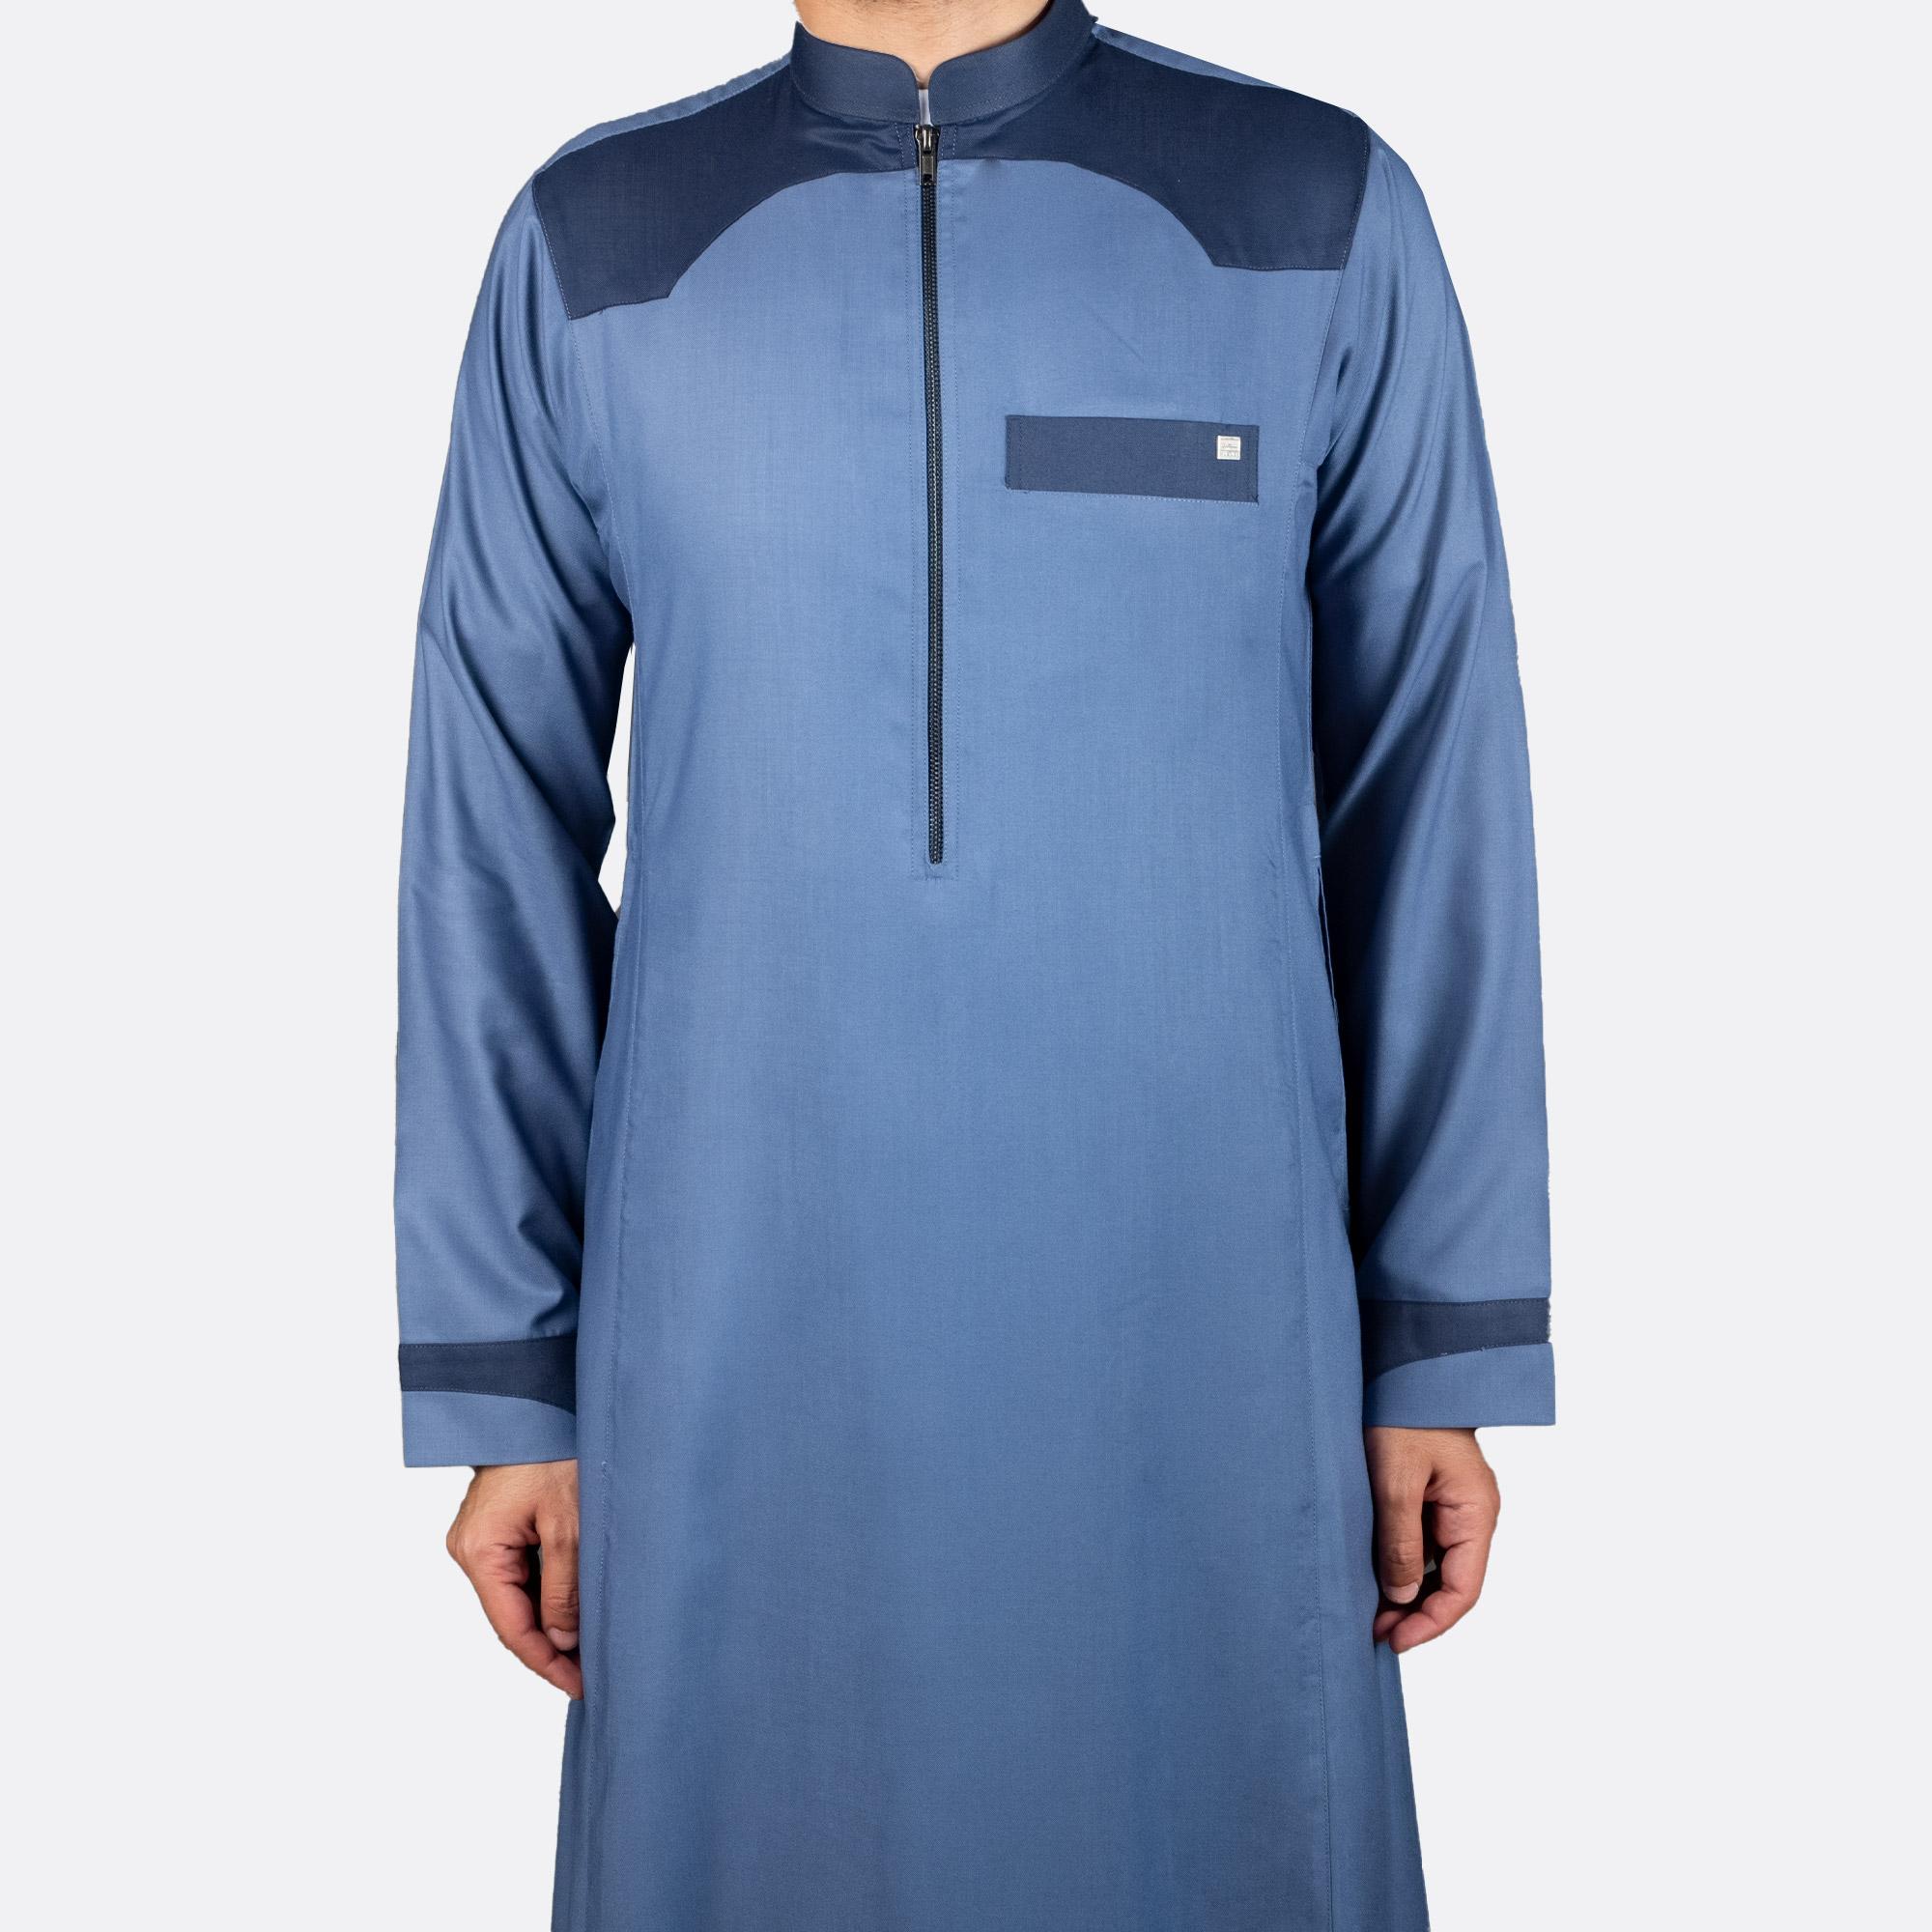 ثوب عصري غير رسمي أزرق غامق